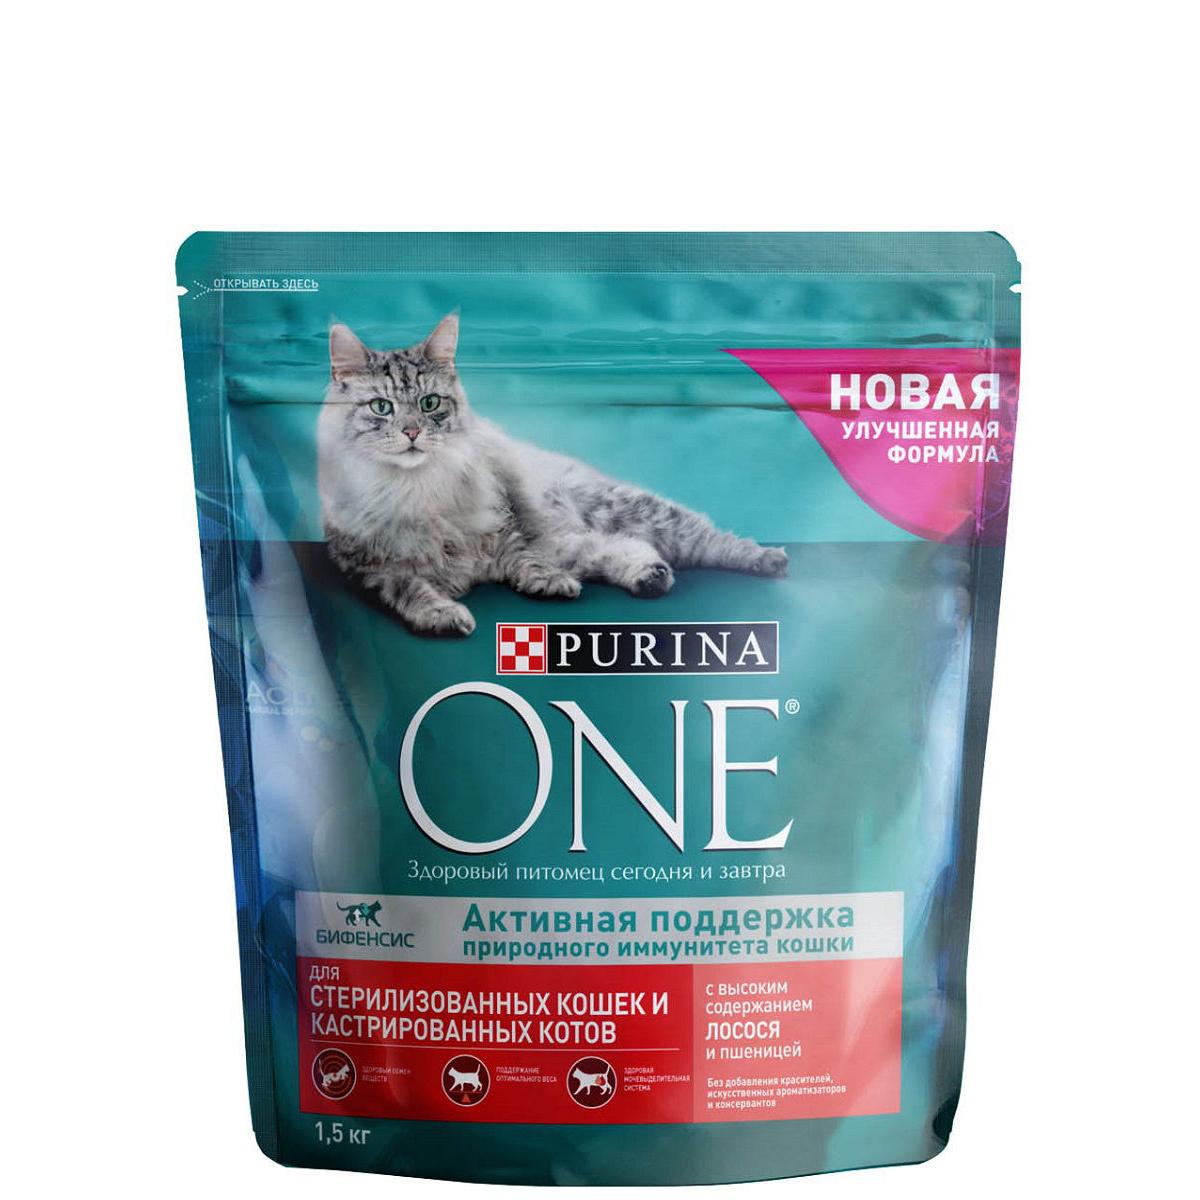 Сухой корм для кошек Purina One, для стерилизованных, лосось и пшеница, 1,5кг фото